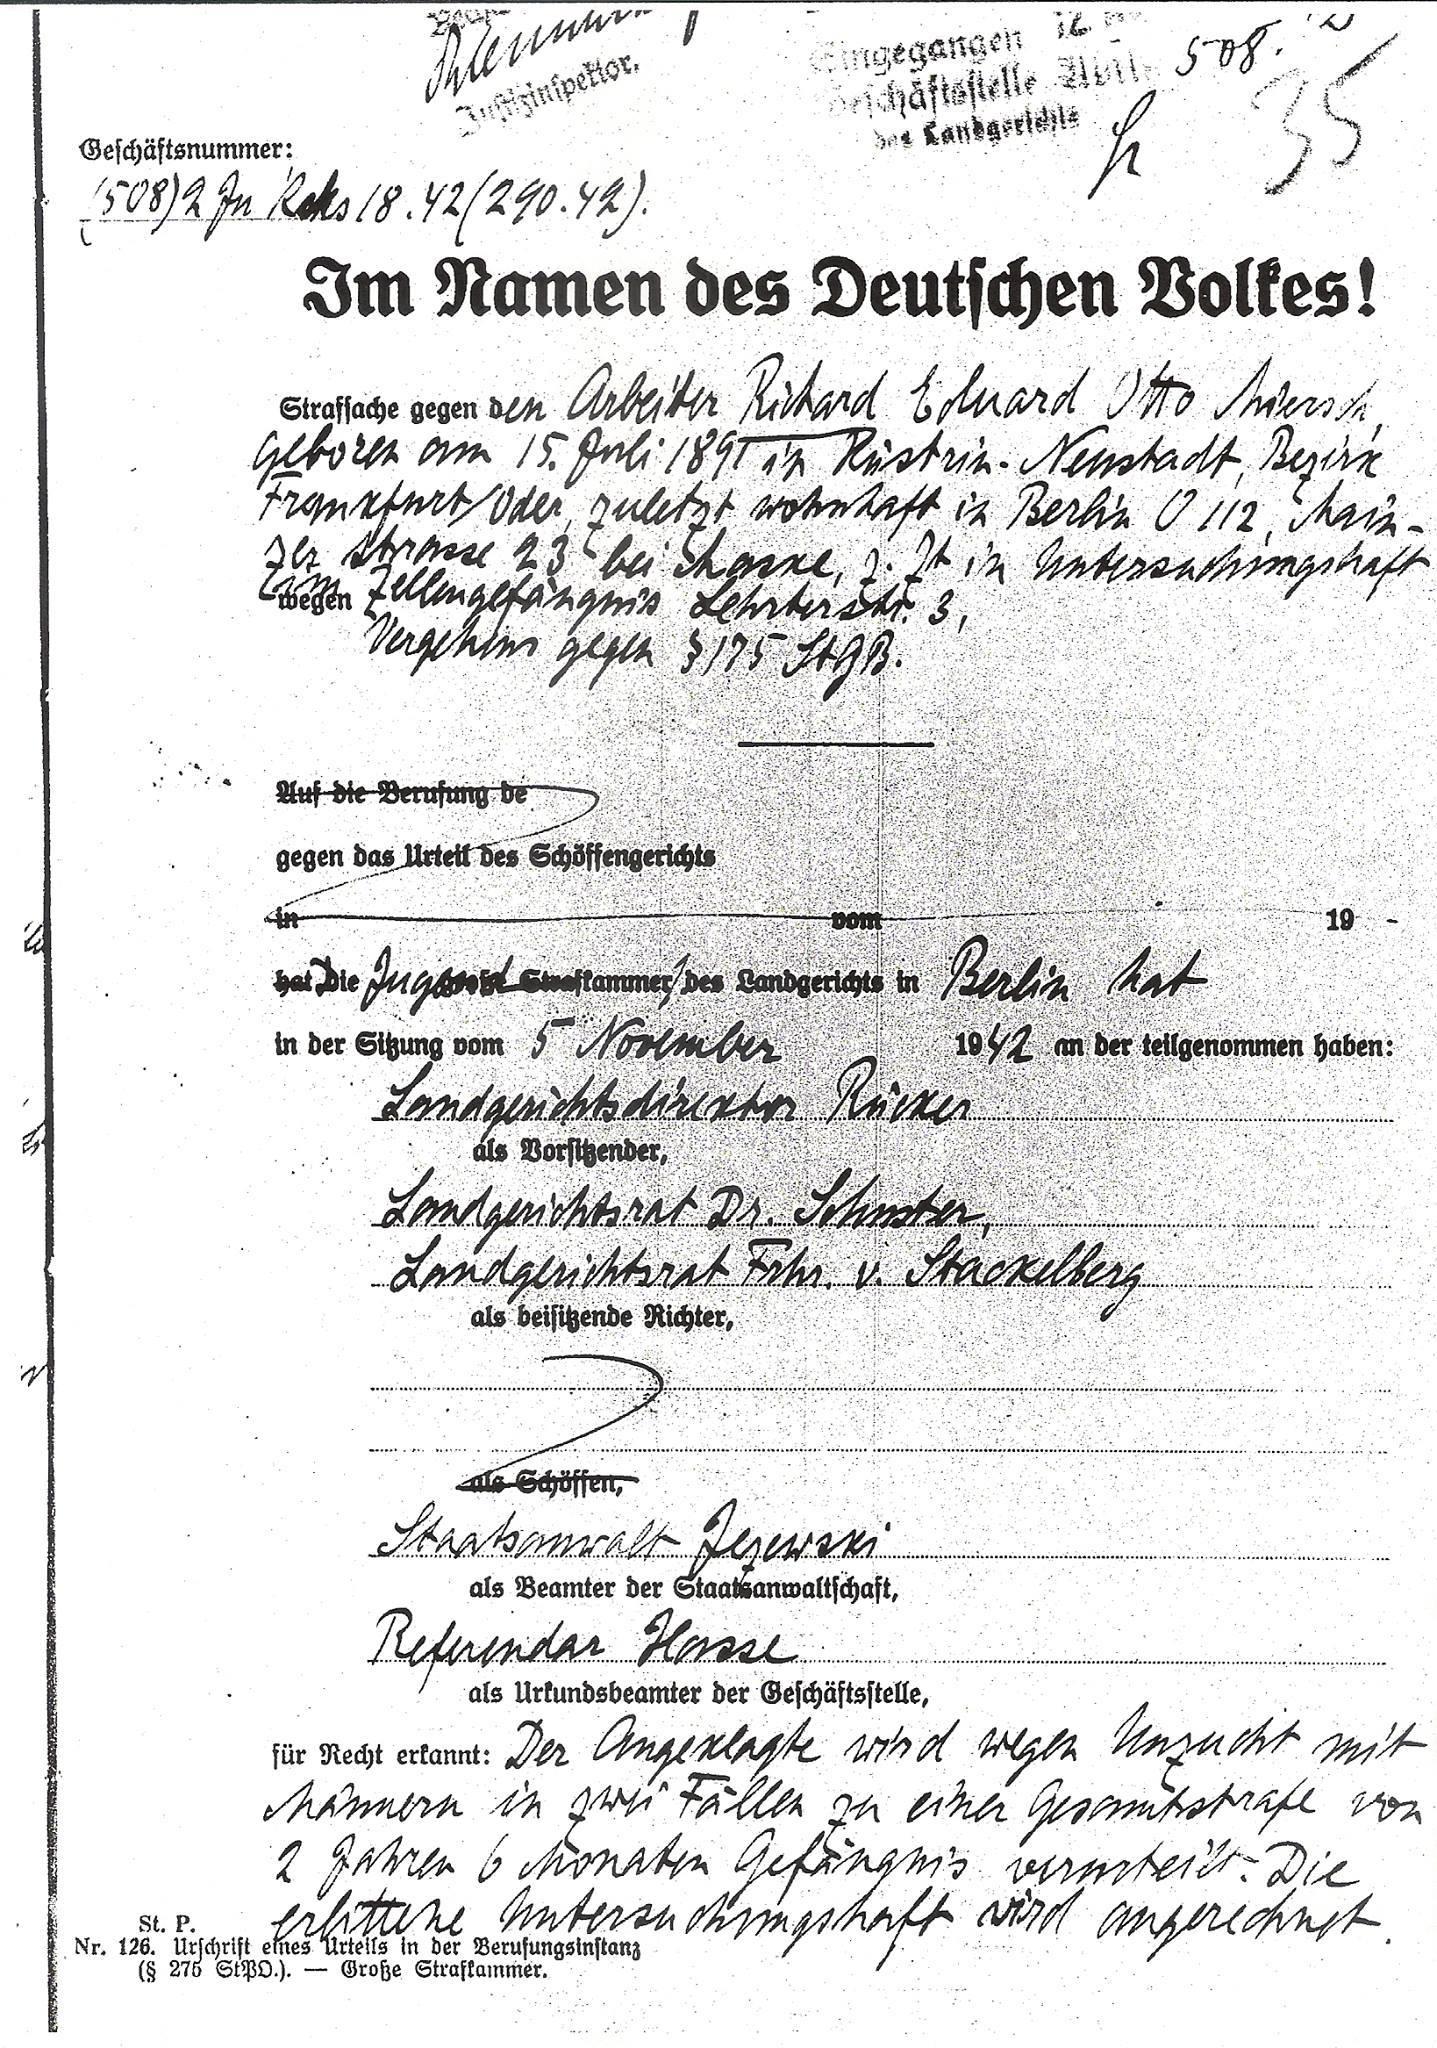 Die erste Seite des Urteils aus der Strafakte von Richard Miersch. Quelle: Landesarchiv Berlin